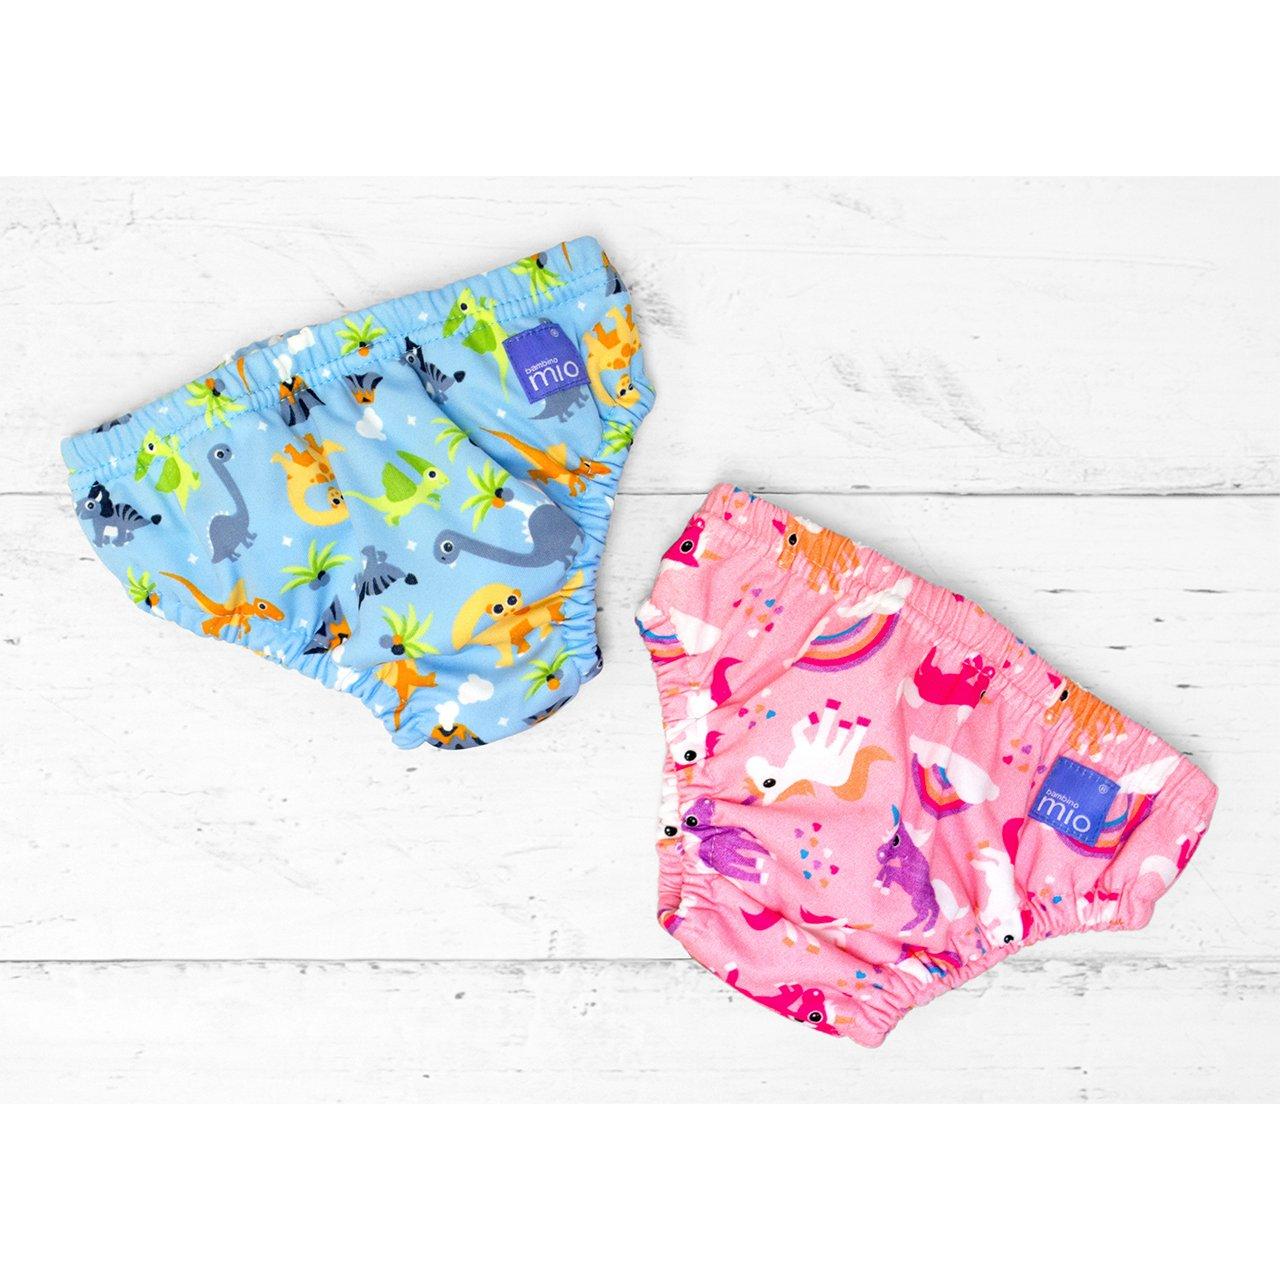 Bambino Mio - Pañal bañador reutilizable multicolor Unicorn Talla:Pequeños (0-6 meses): Amazon.es: Bebé